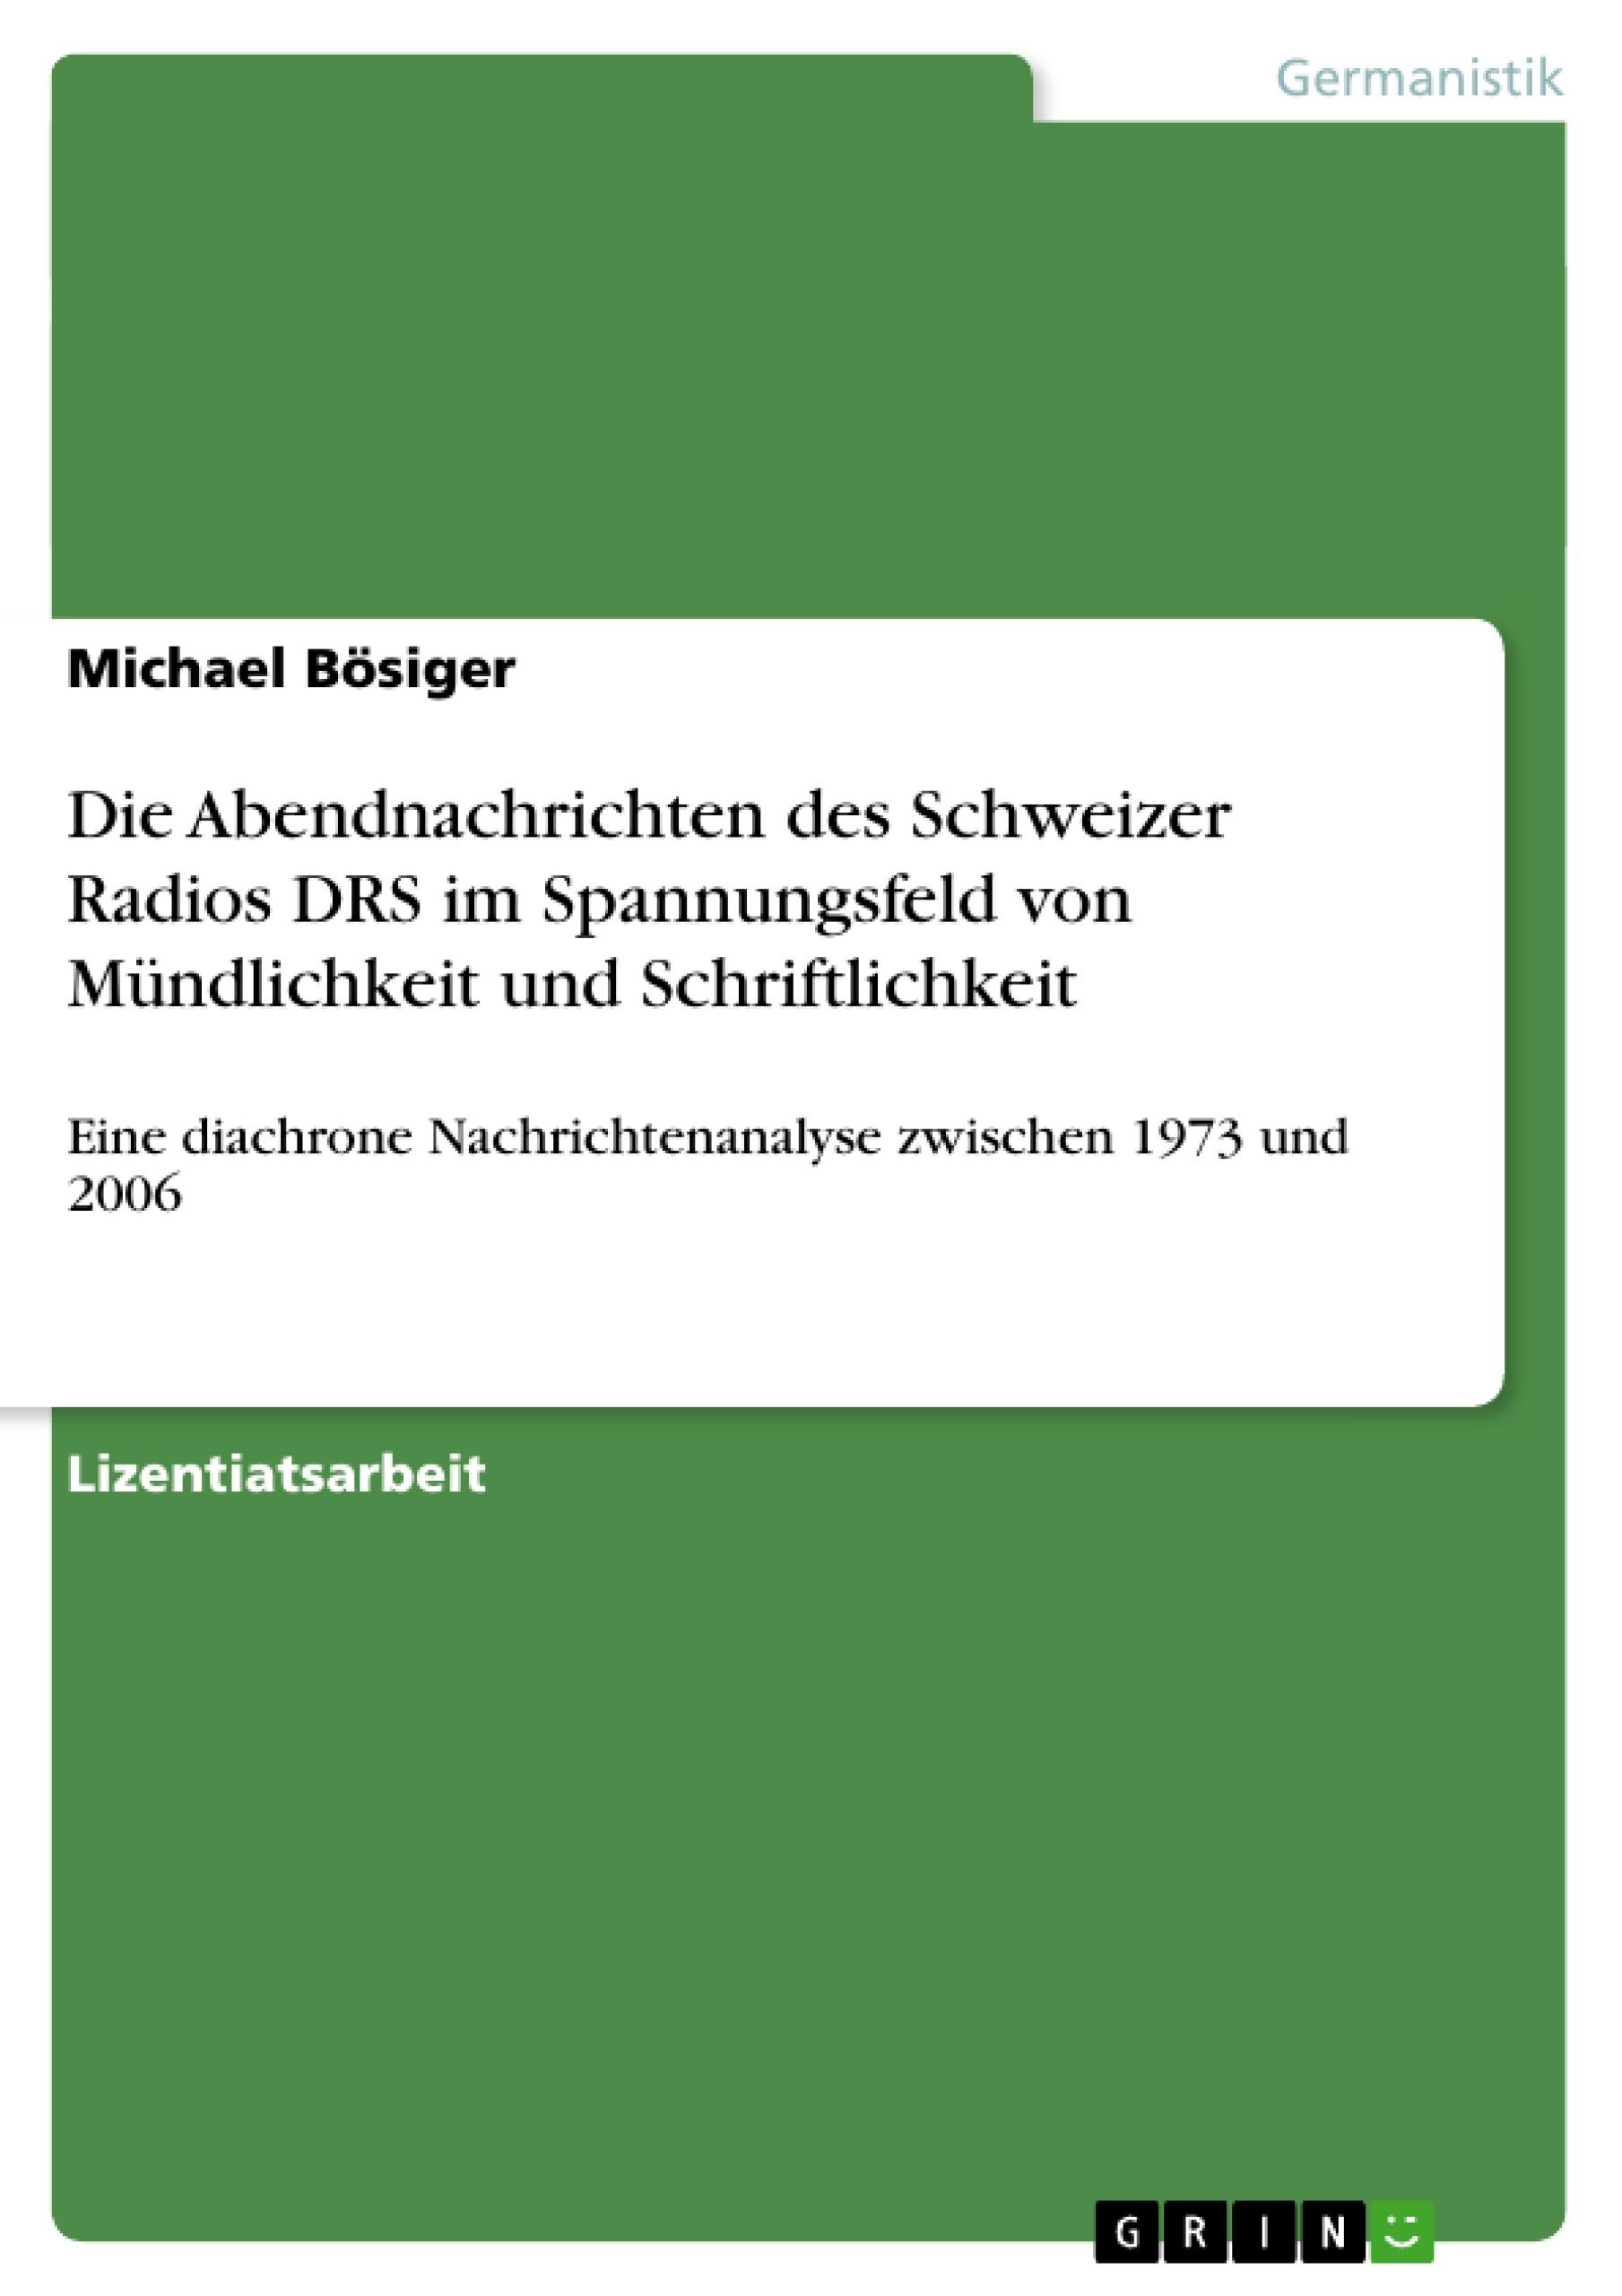 Titel: Die Abendnachrichten des Schweizer Radios DRS im Spannungsfeld von Mündlichkeit und Schriftlichkeit